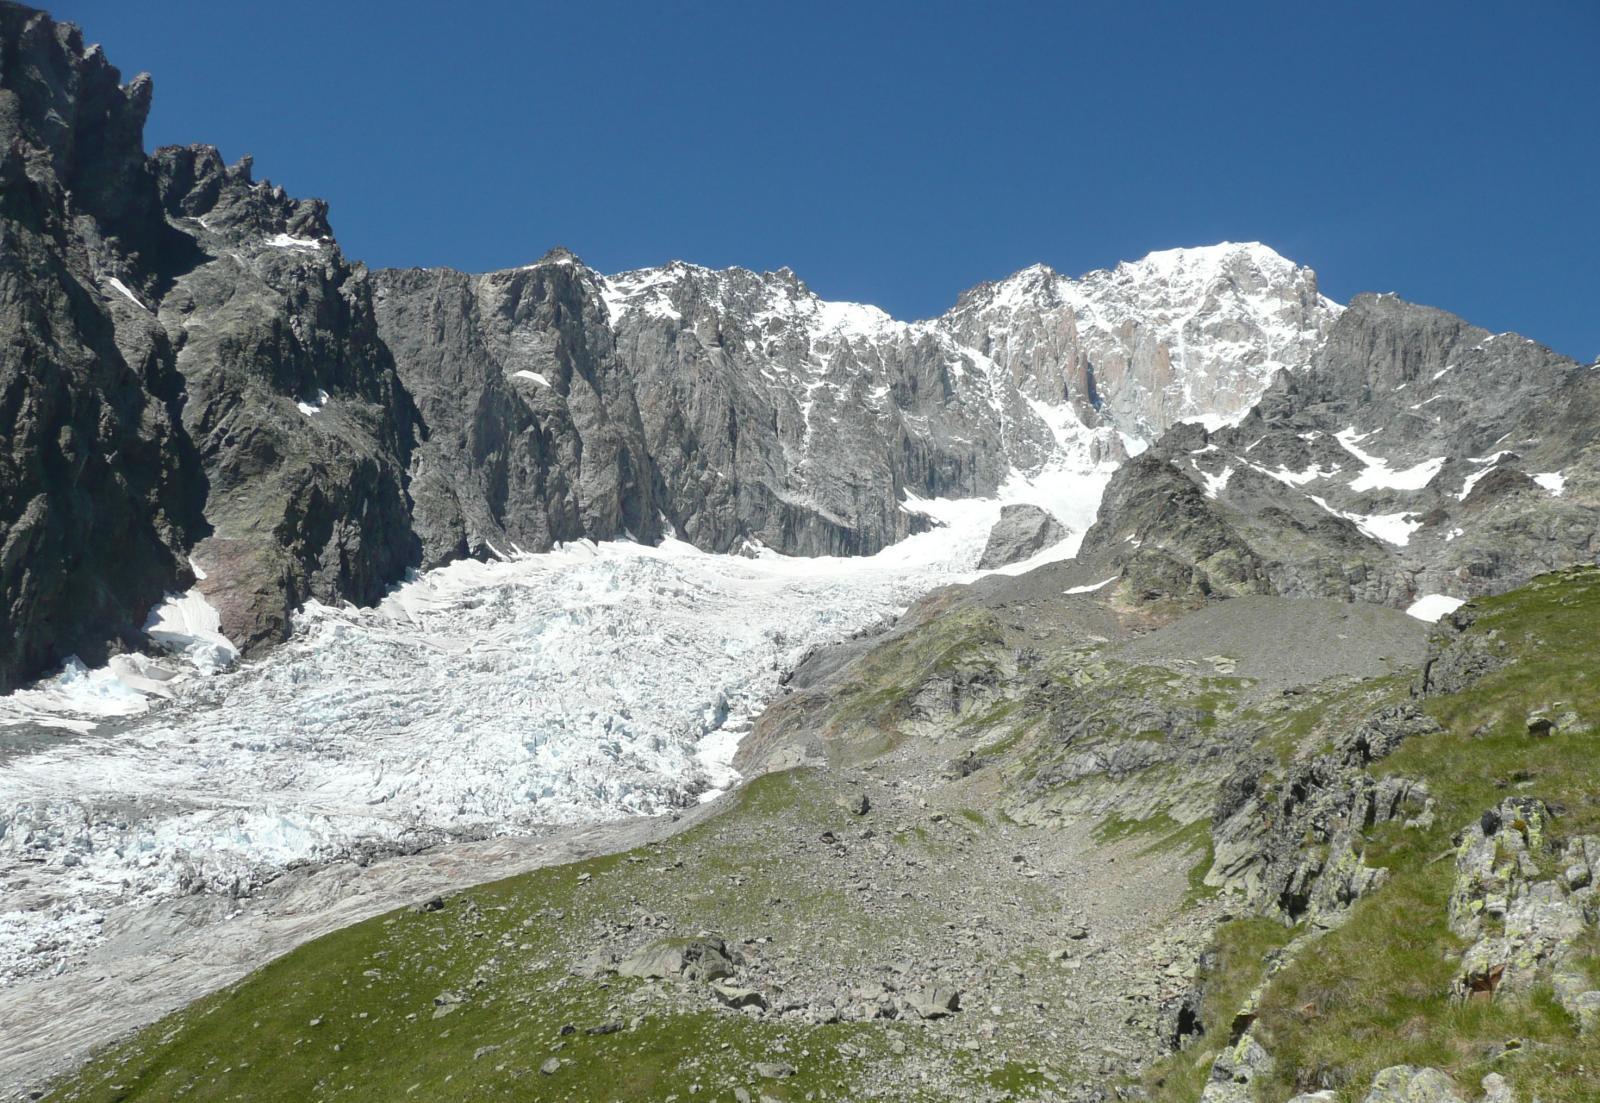 il ghiacciaio del Brouillard e sopra il Bianco di Courmayeur